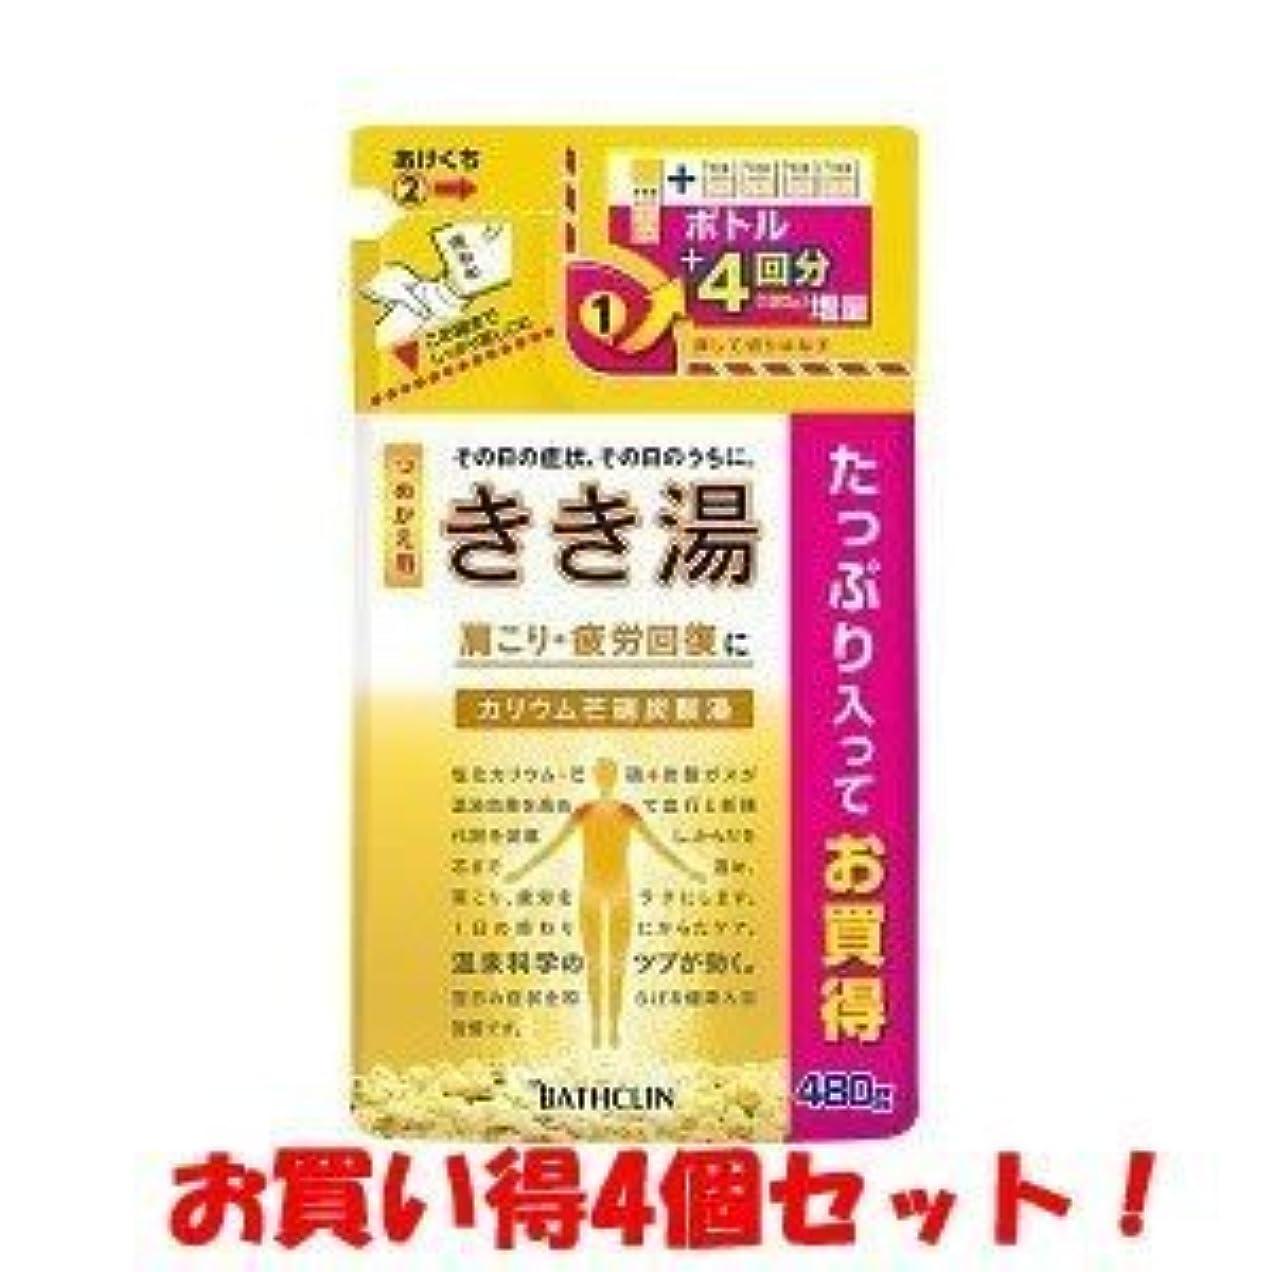 横にコンベンションアンビエント(バスクリン)きき湯 カリウム芒硝炭酸湯 つめかえ用 480g(医薬部外品)(お買い得4個セット)